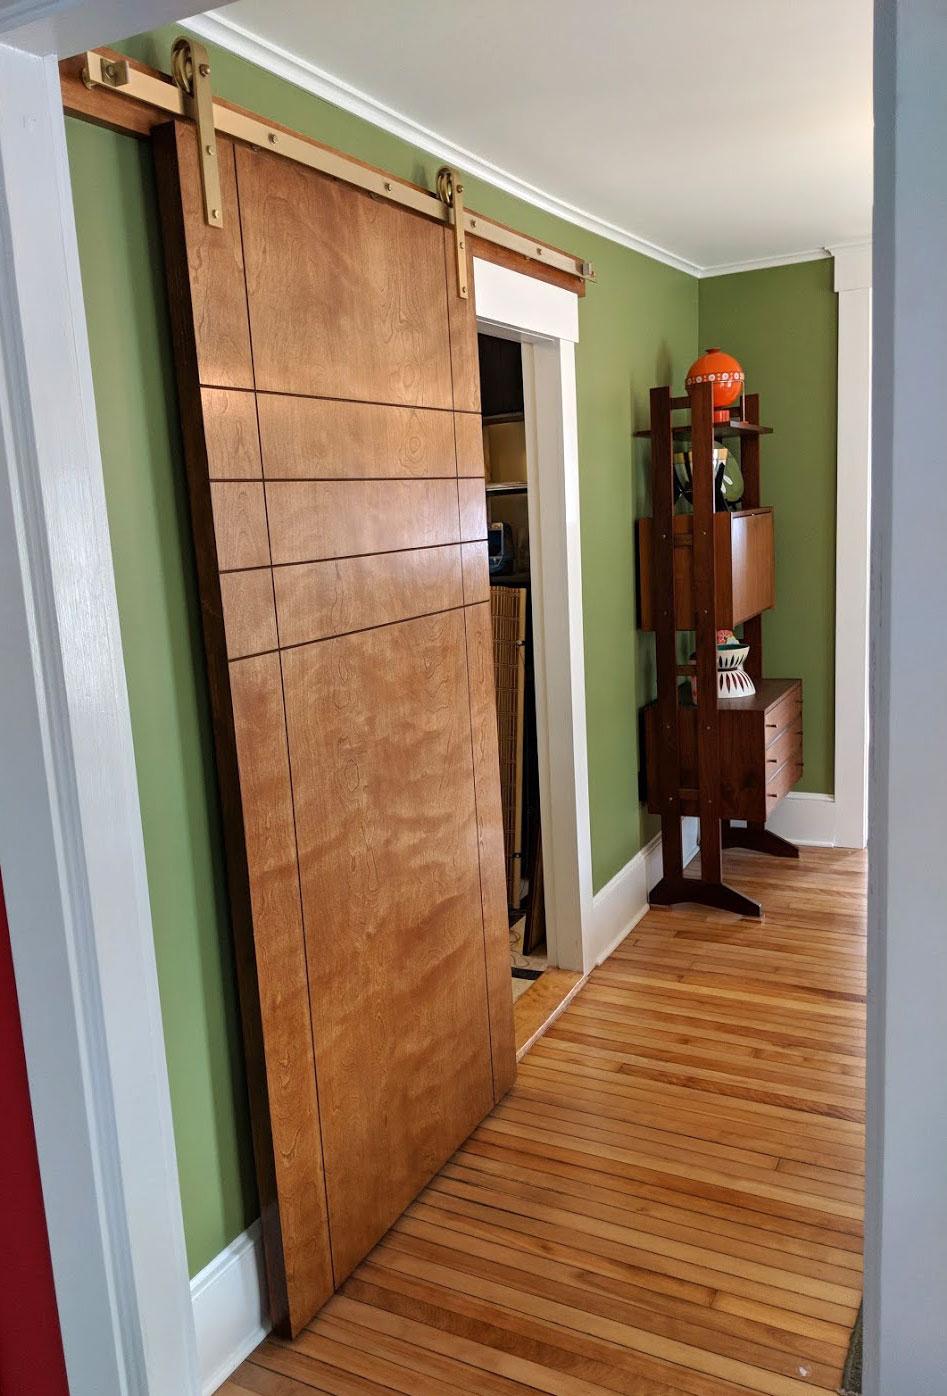 The sliding door opened.